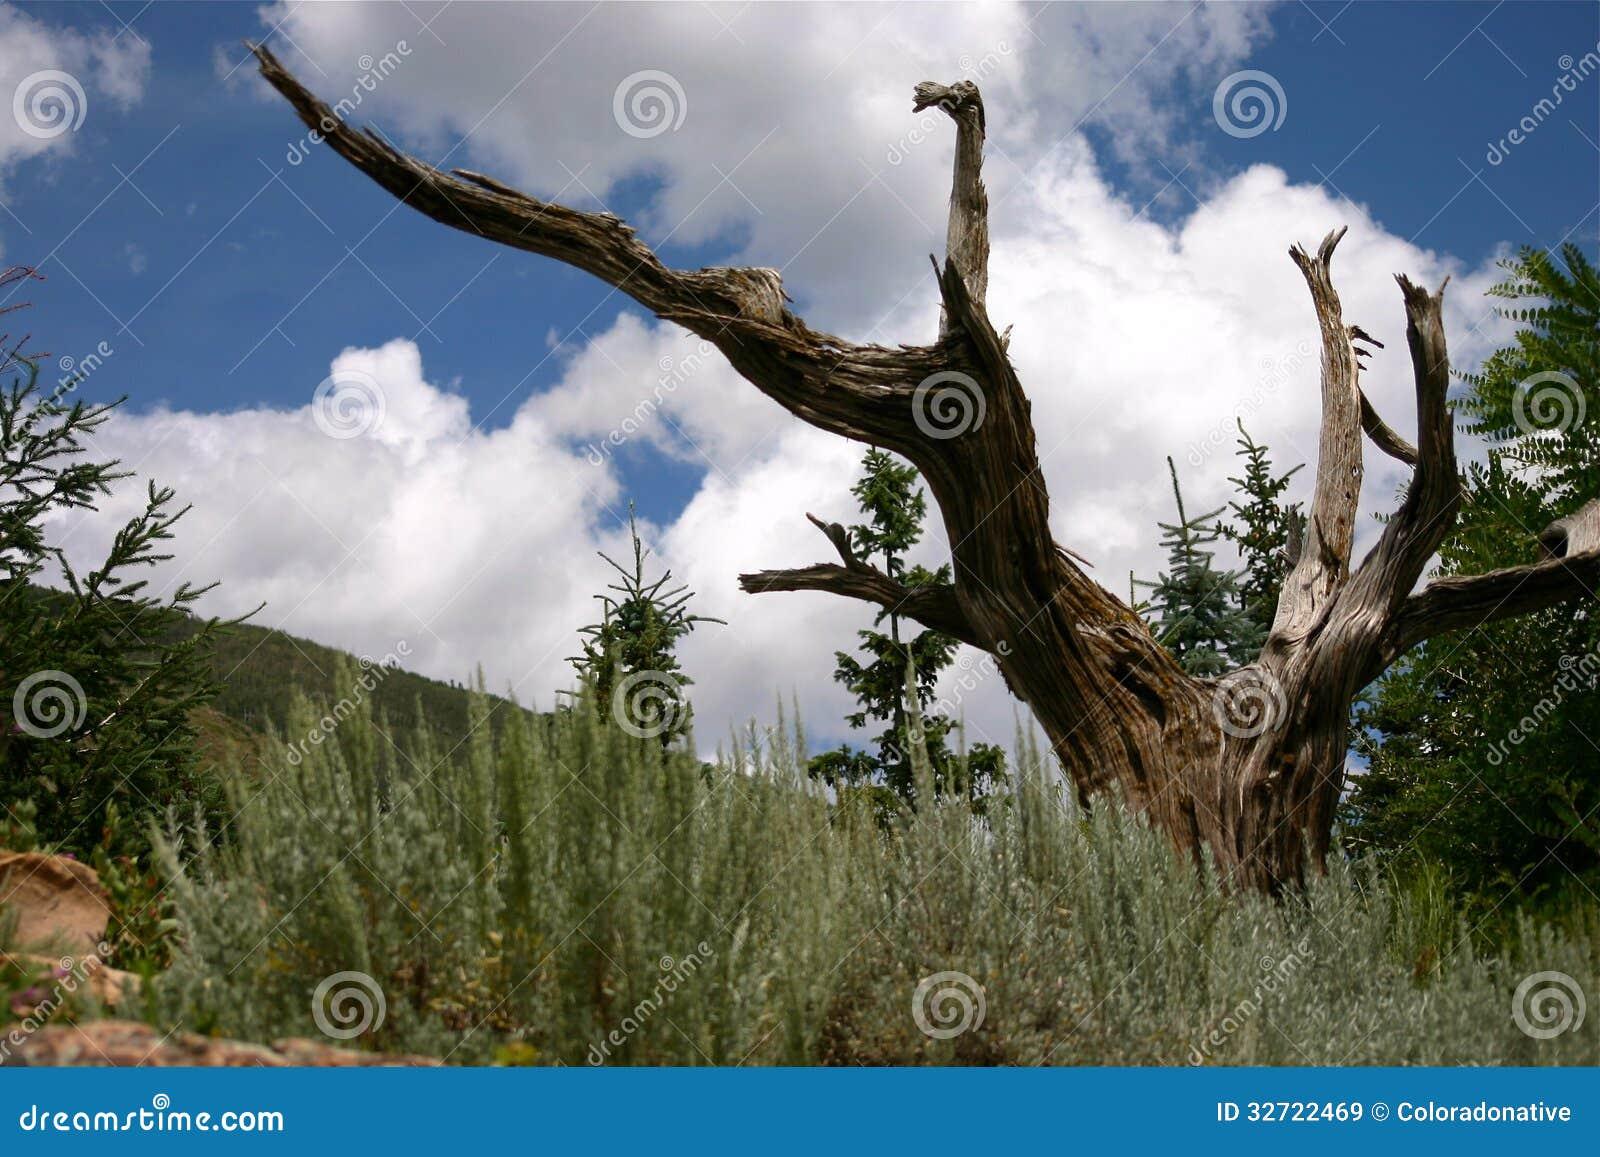 Arbre mort dans un jardin de montagne image stock image for Jardin 2 montagnes